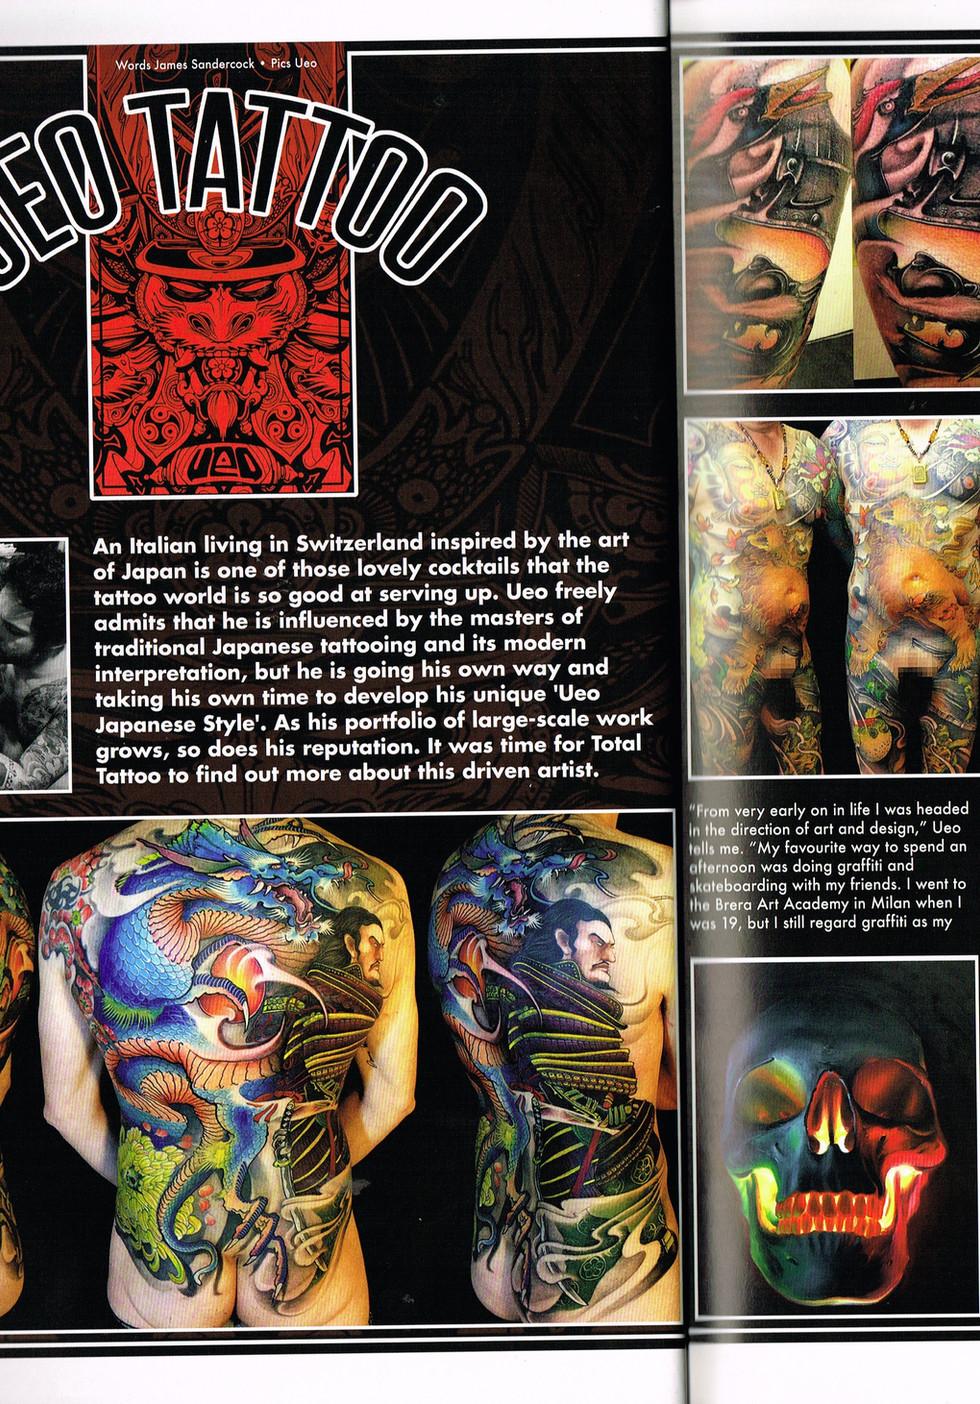 ueo-tattoo-como-tattoo-lugano-tatuaggi-2